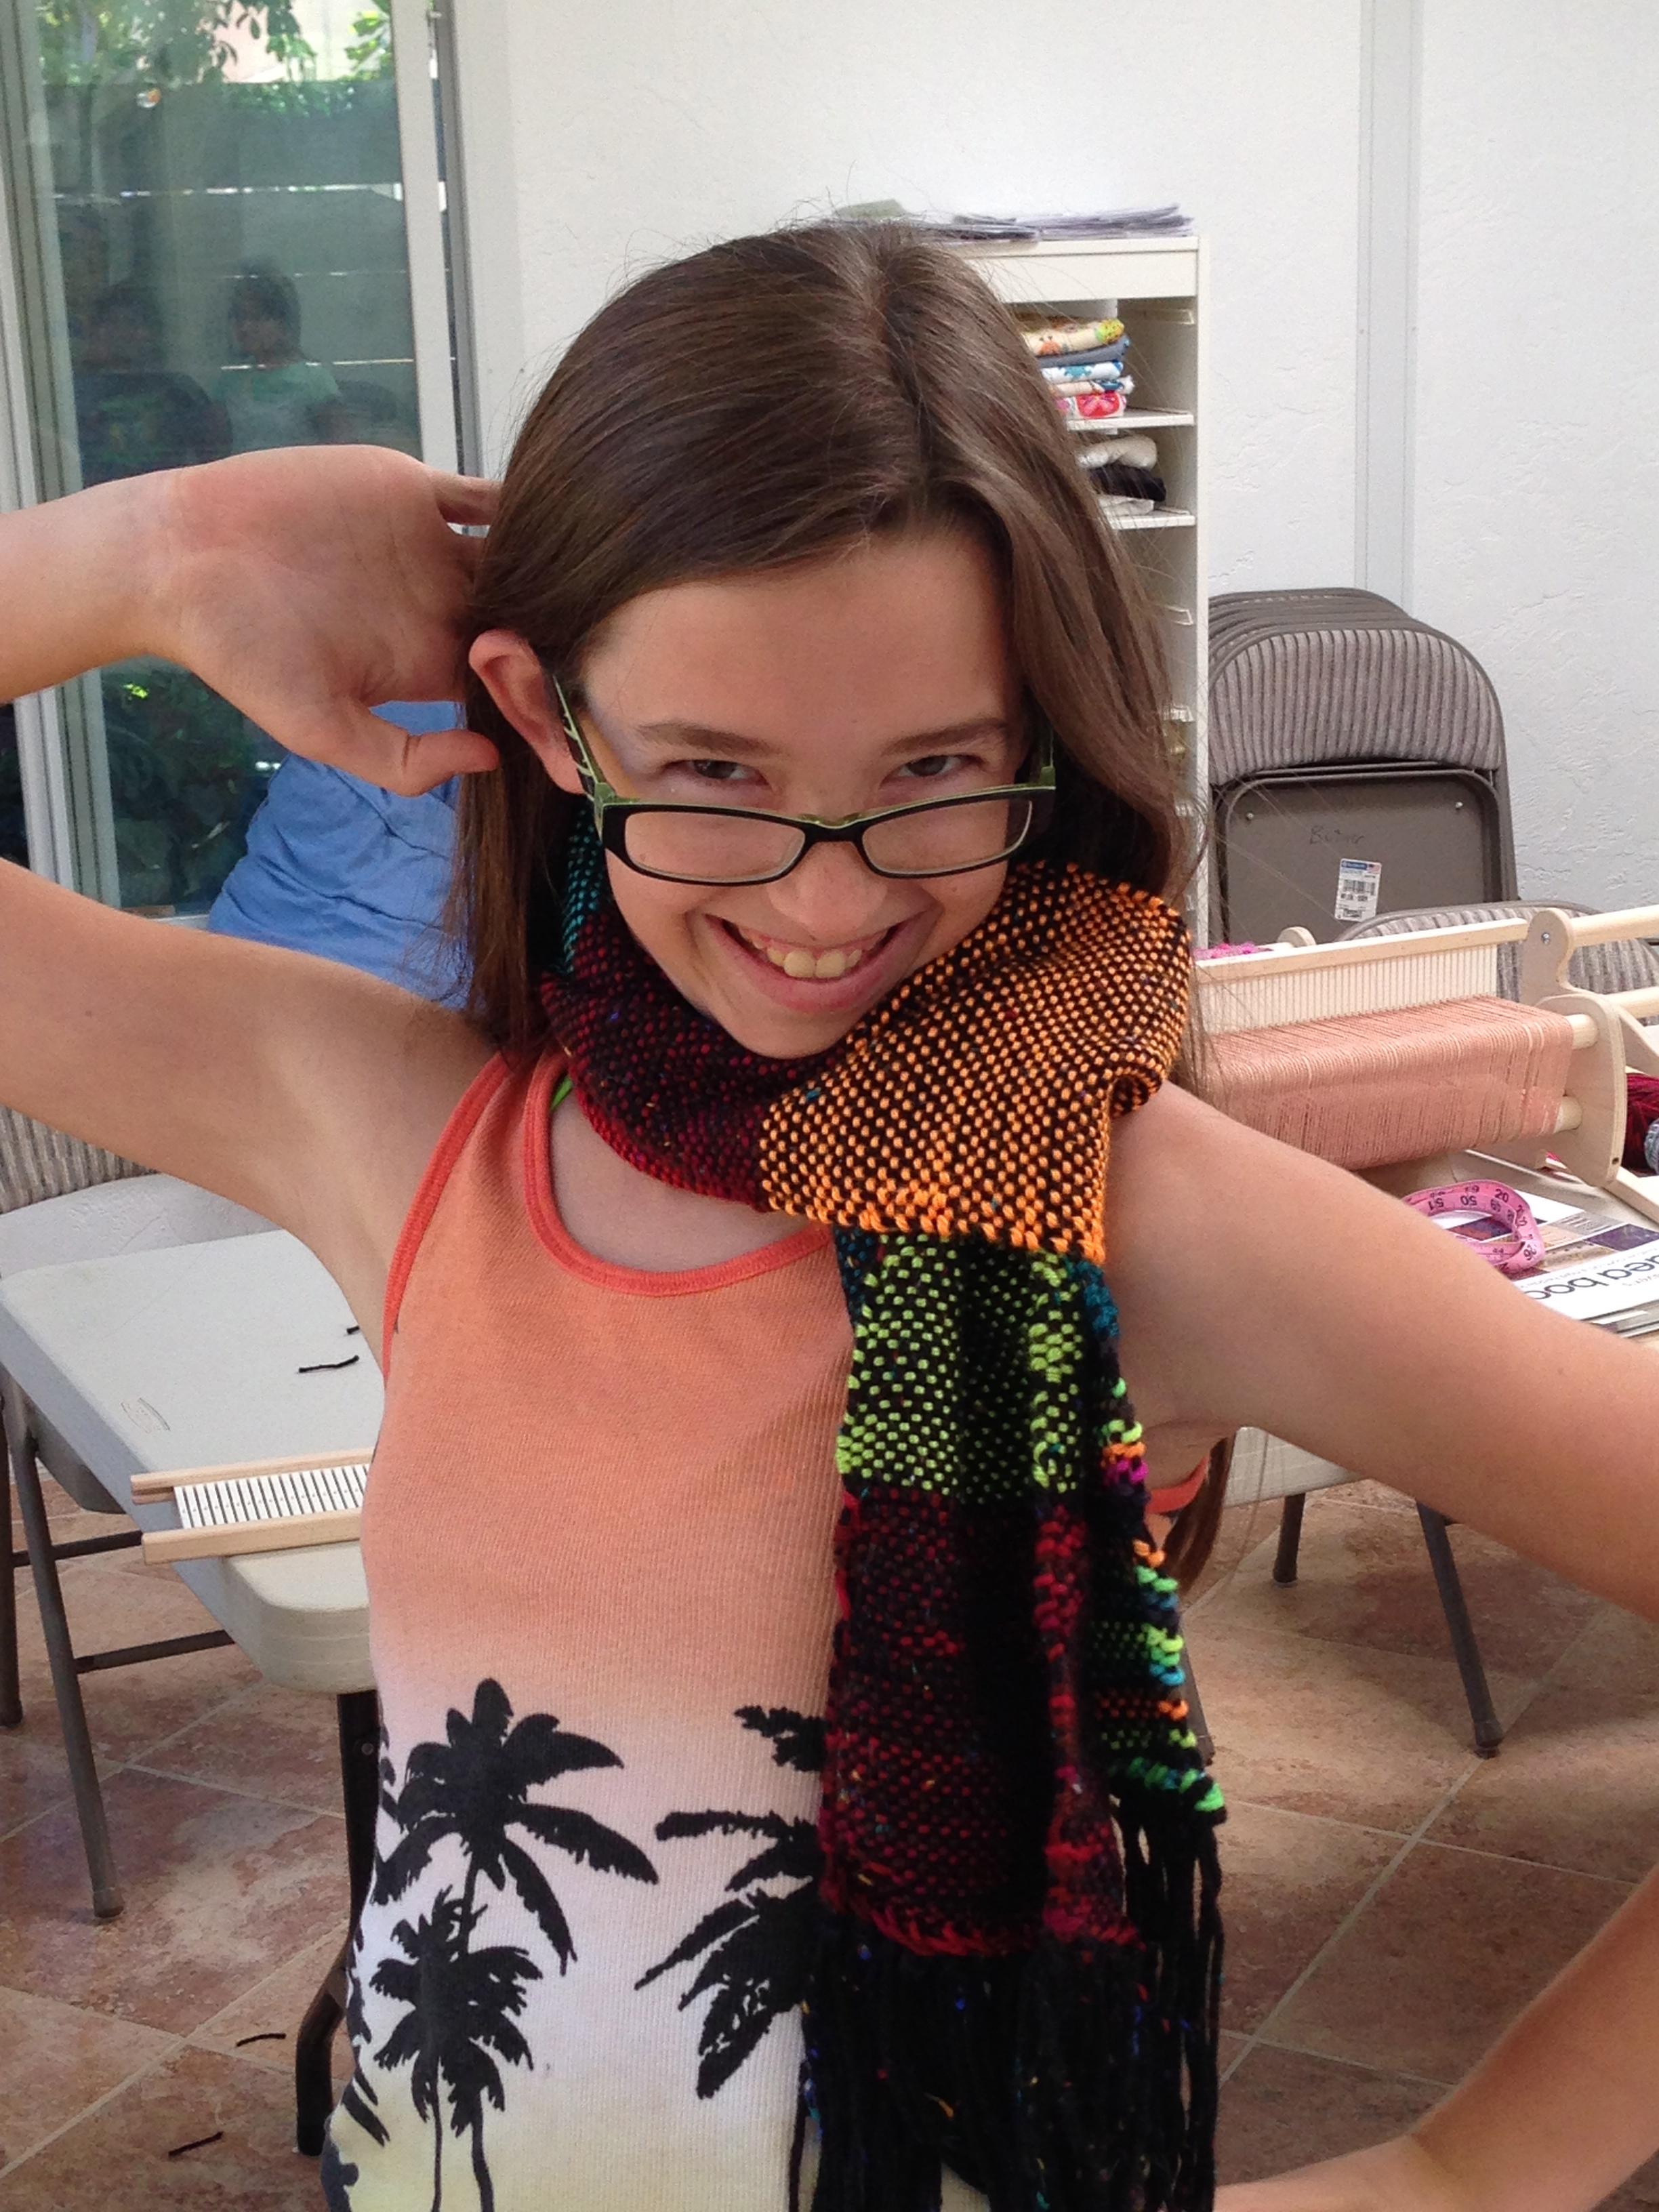 7th grader scarf.